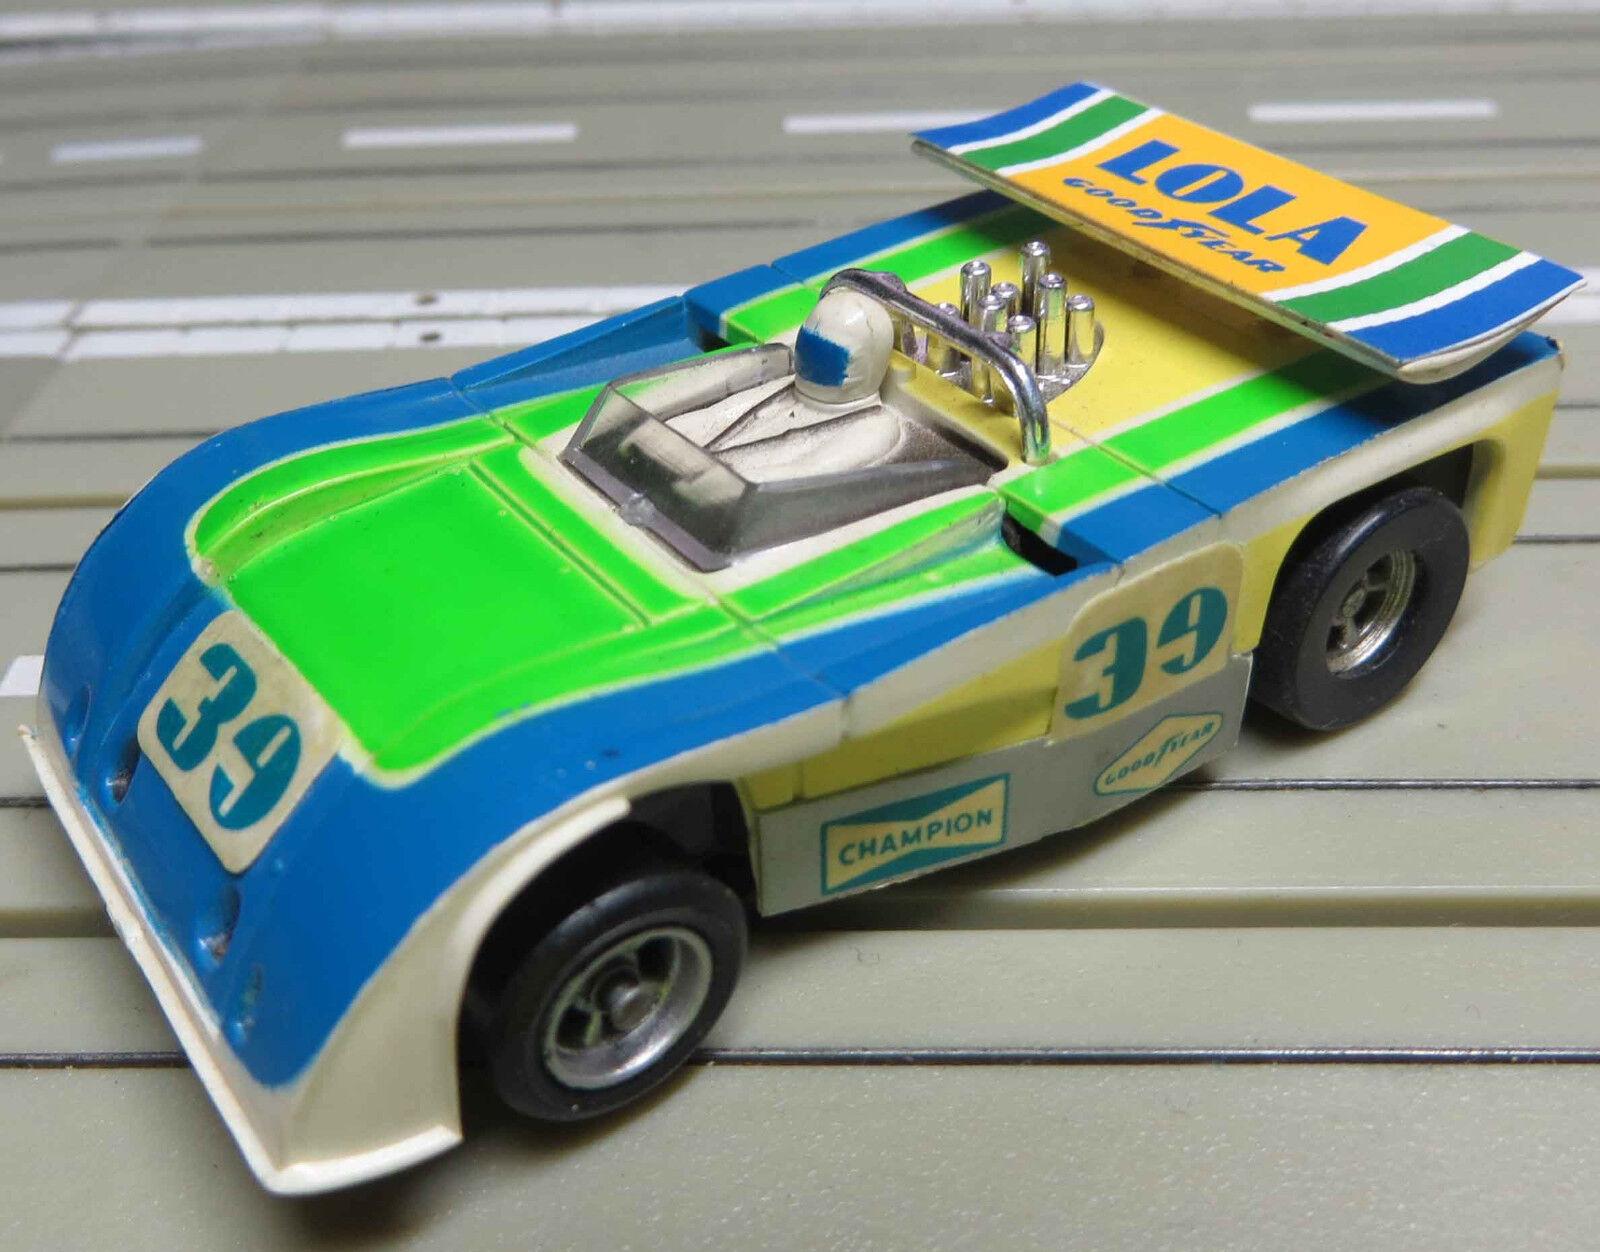 Para Coche Slot Racing Maqueta de Tren Raro Lola T 260 2 Nuevos Lijadora